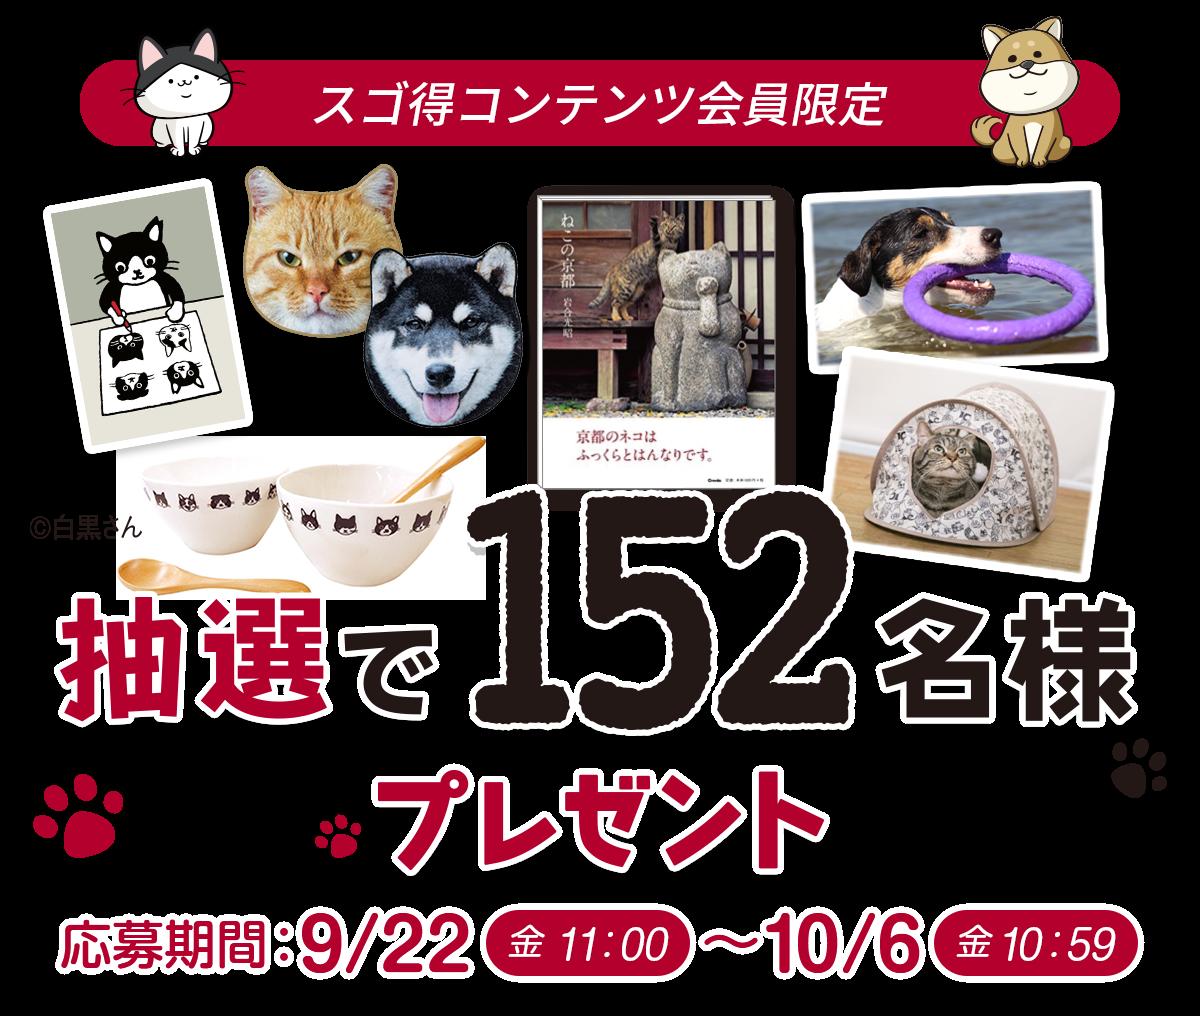 応募期間:9/22(金)~10/6(金)